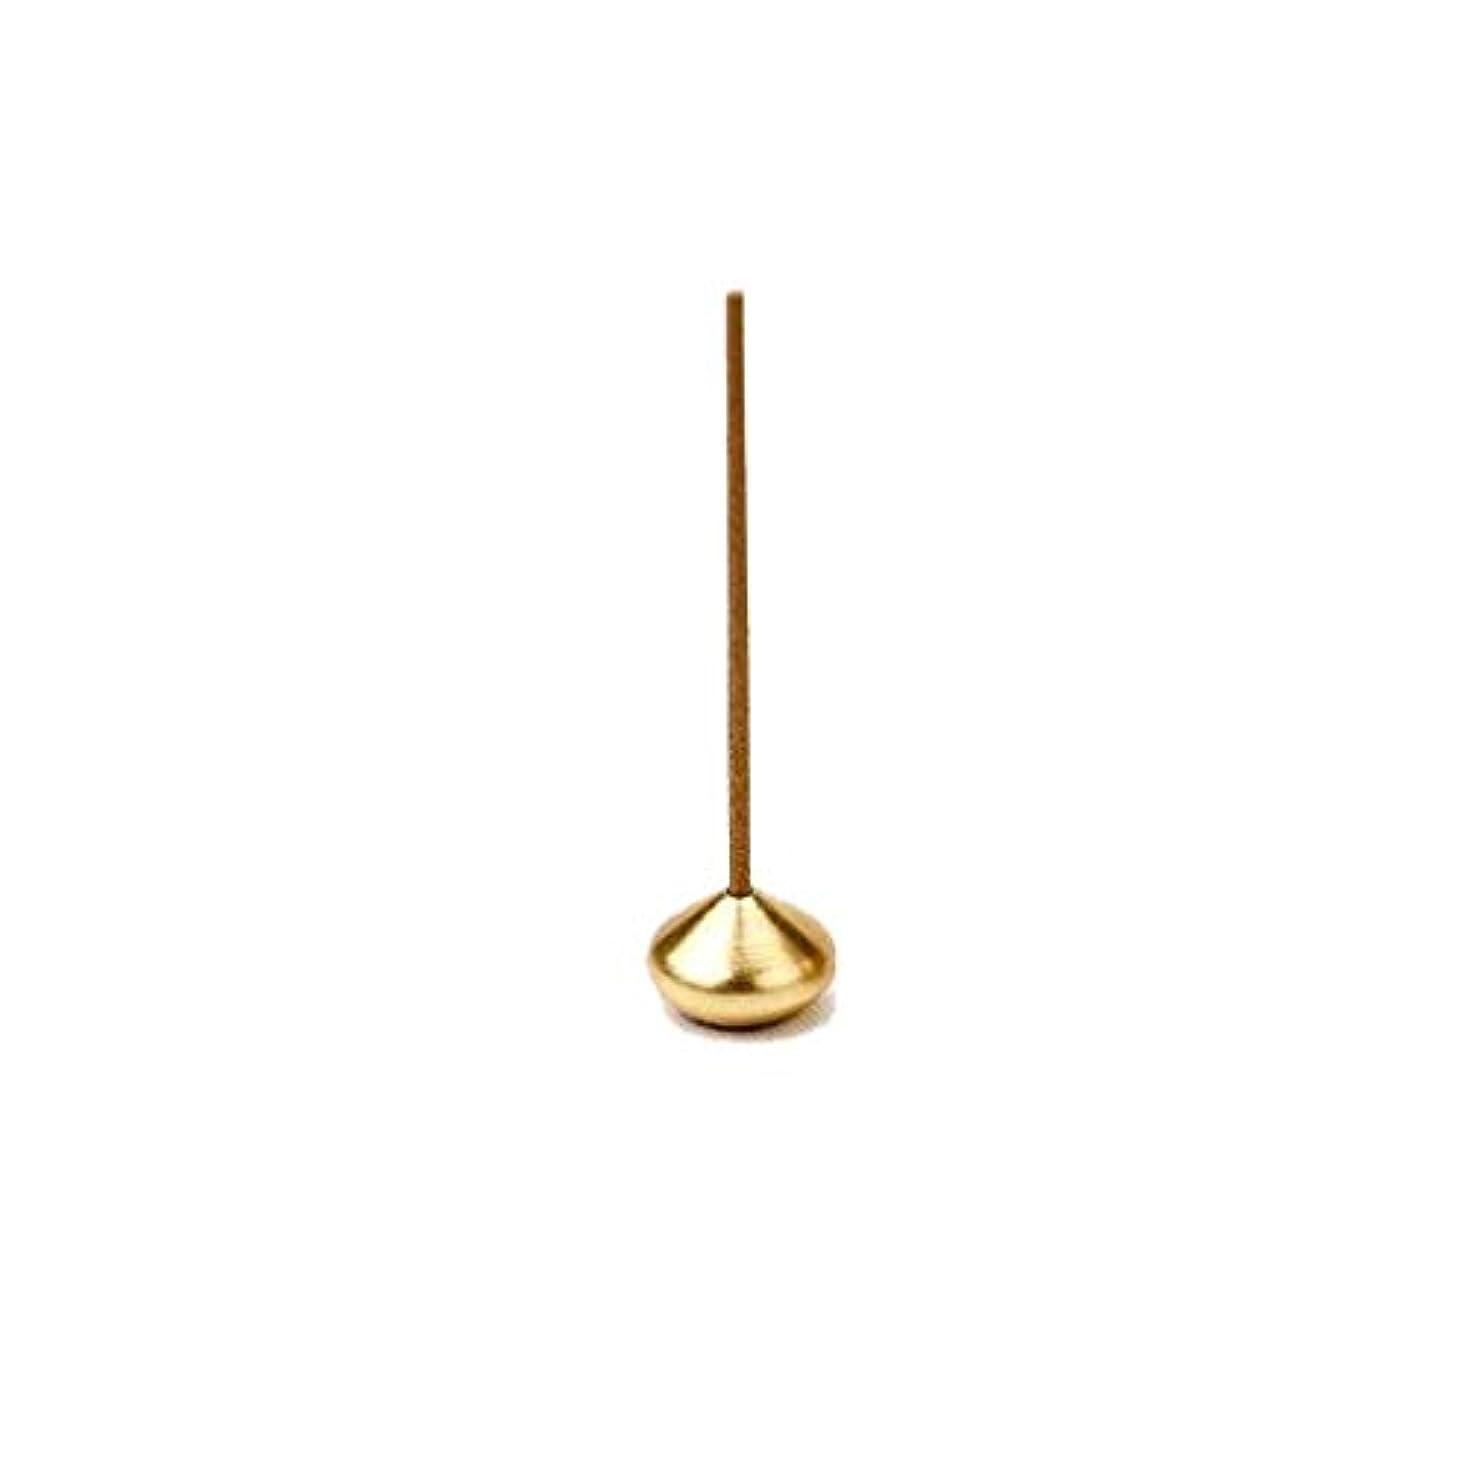 巻き戻す特徴過度に銅香炉ラウンドひょうたん型香スティックコイルボトルバーナーホルダー多孔性香ホルダーホームフレグランス (Color : B)